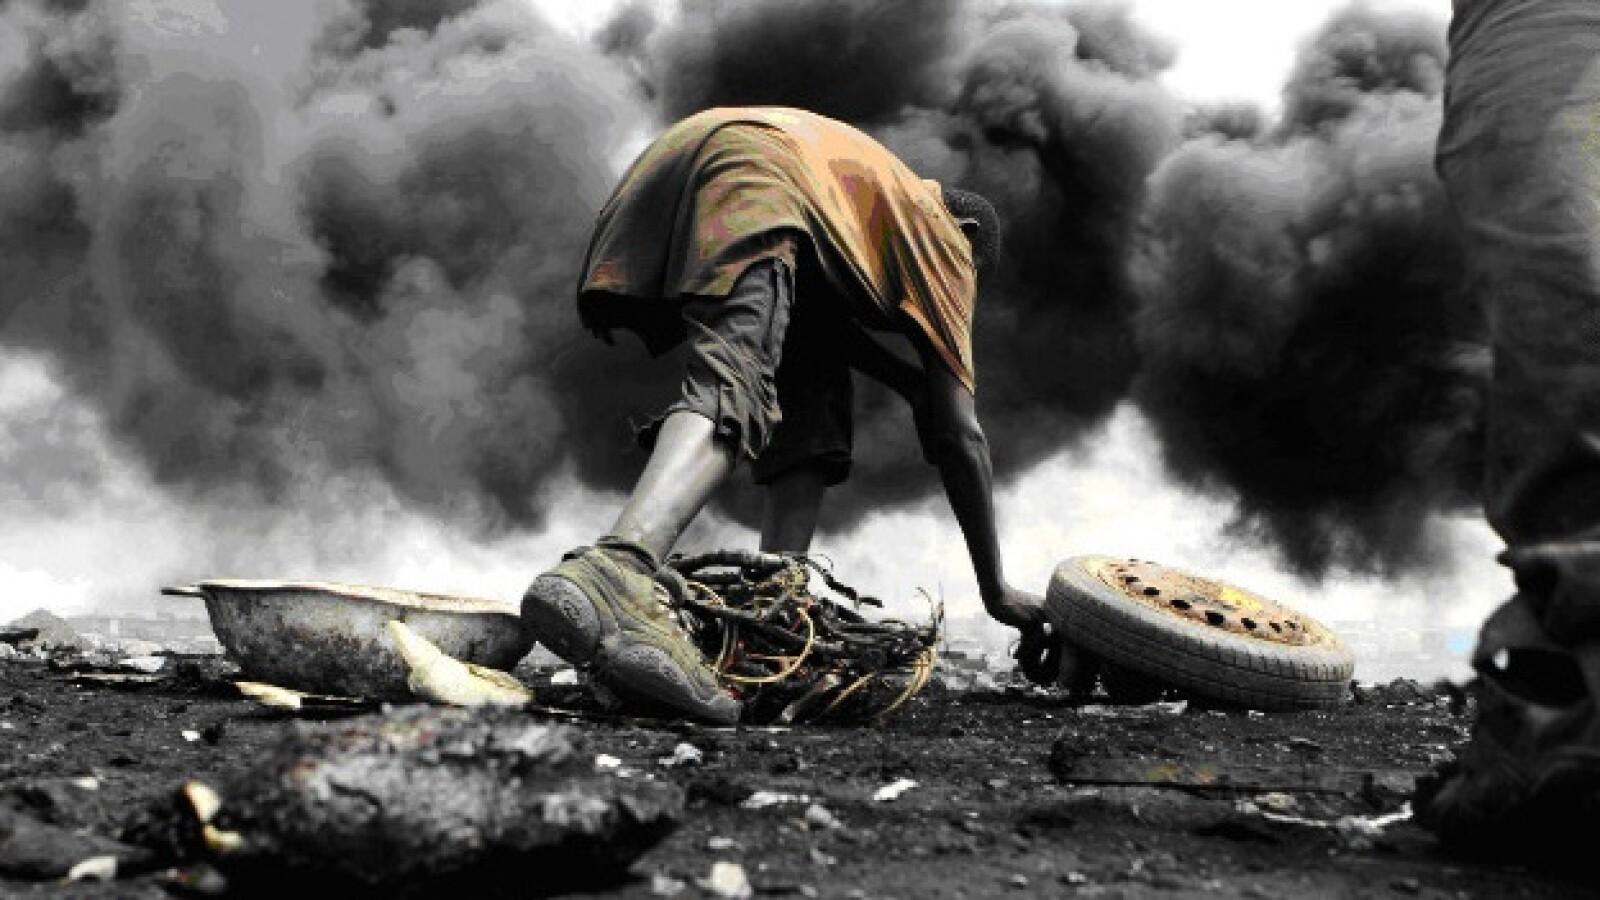 africa mali bienal fotografia cambio climatico